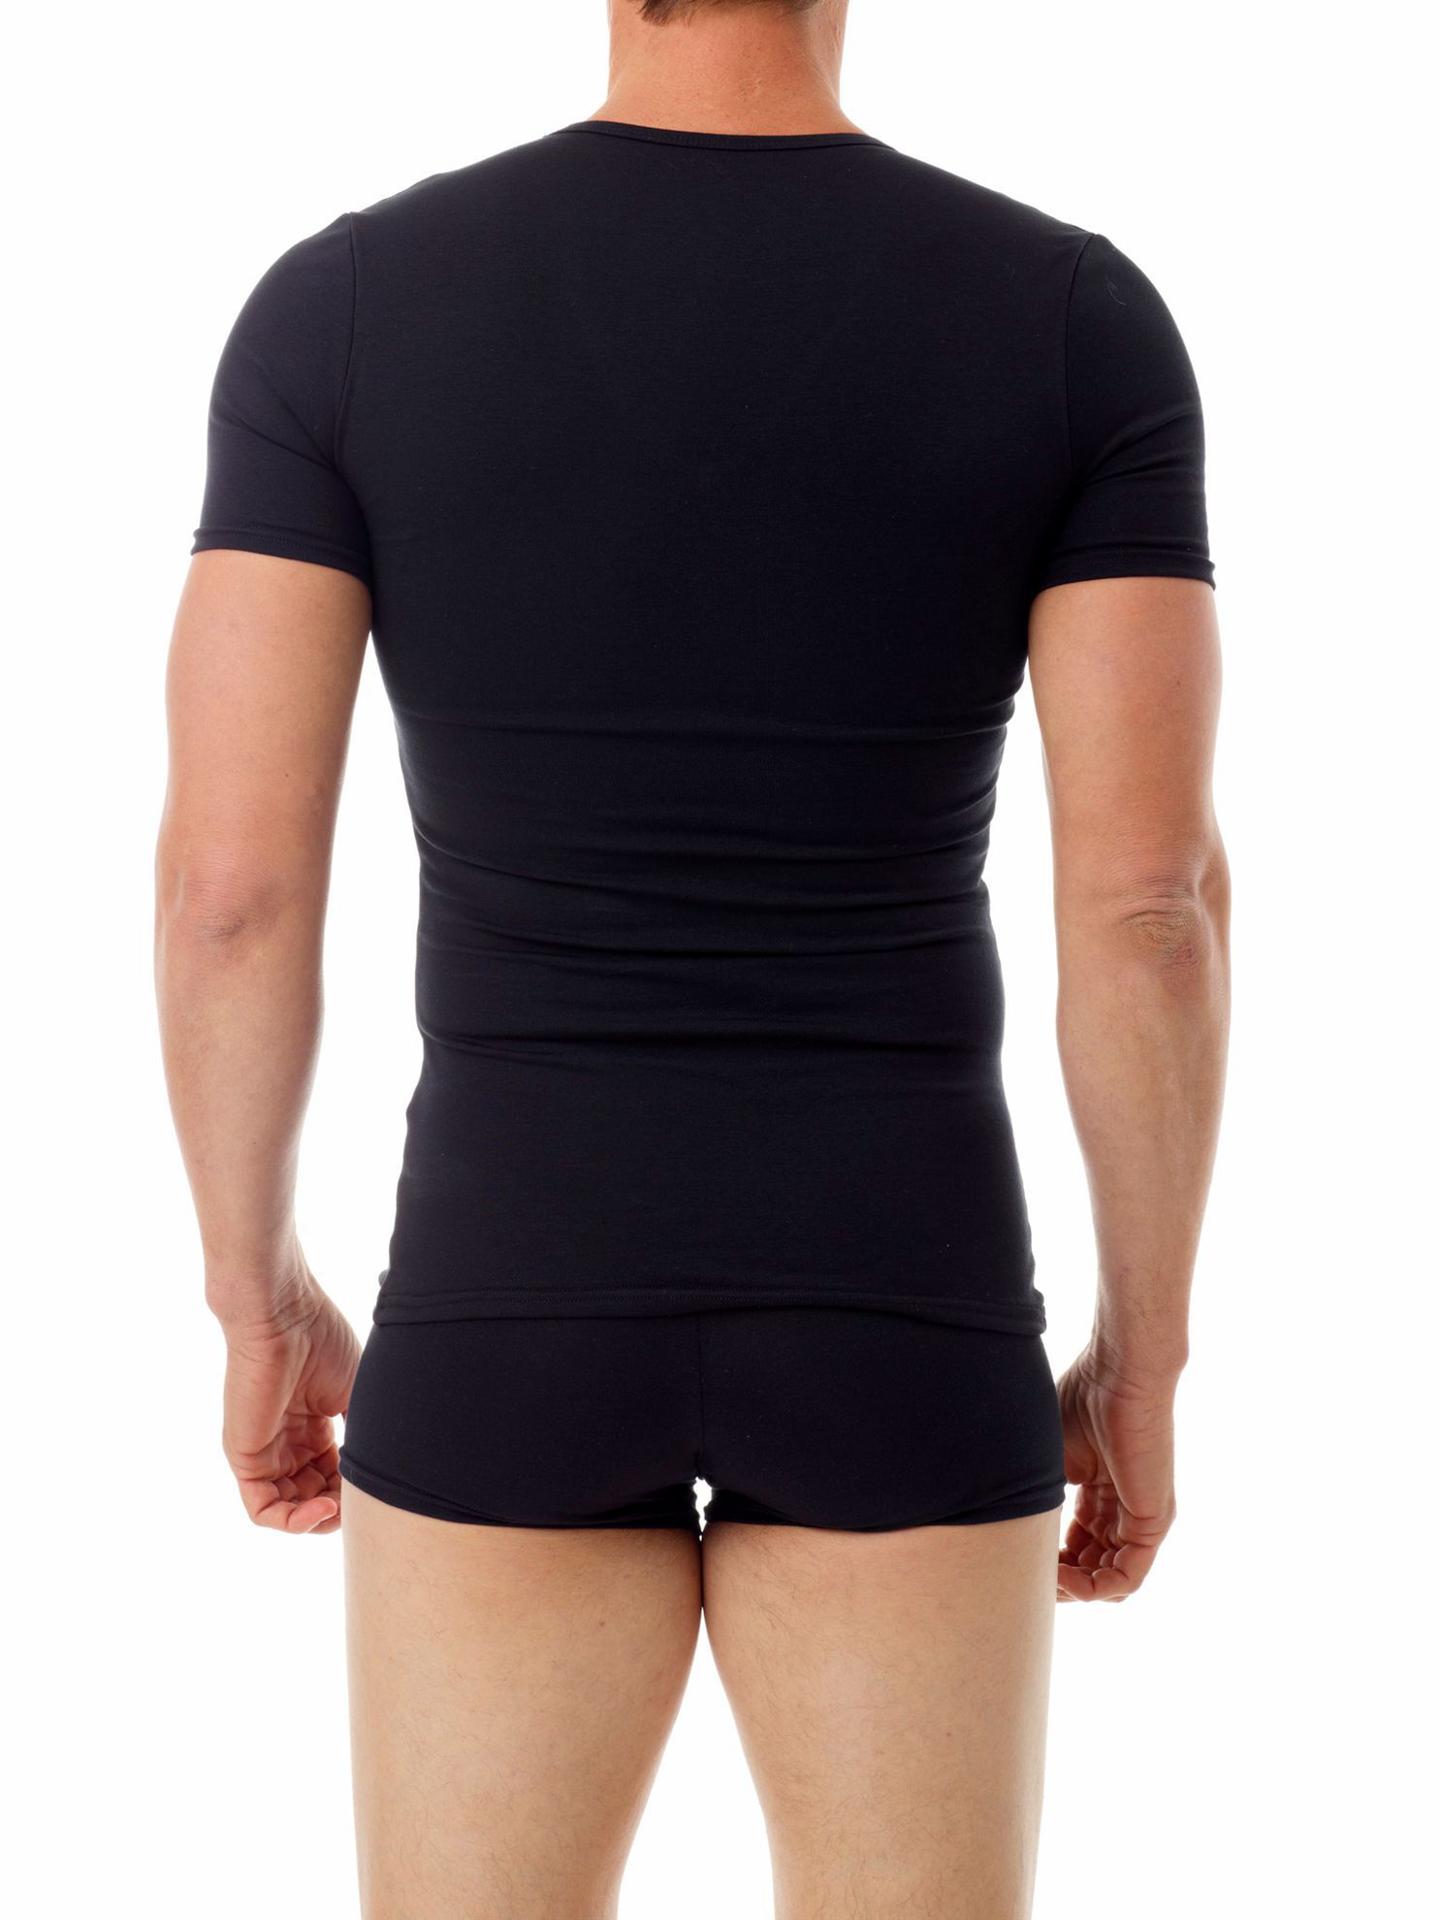 Picture of Mens Cotton Concealer Compression V-neck T-shirt